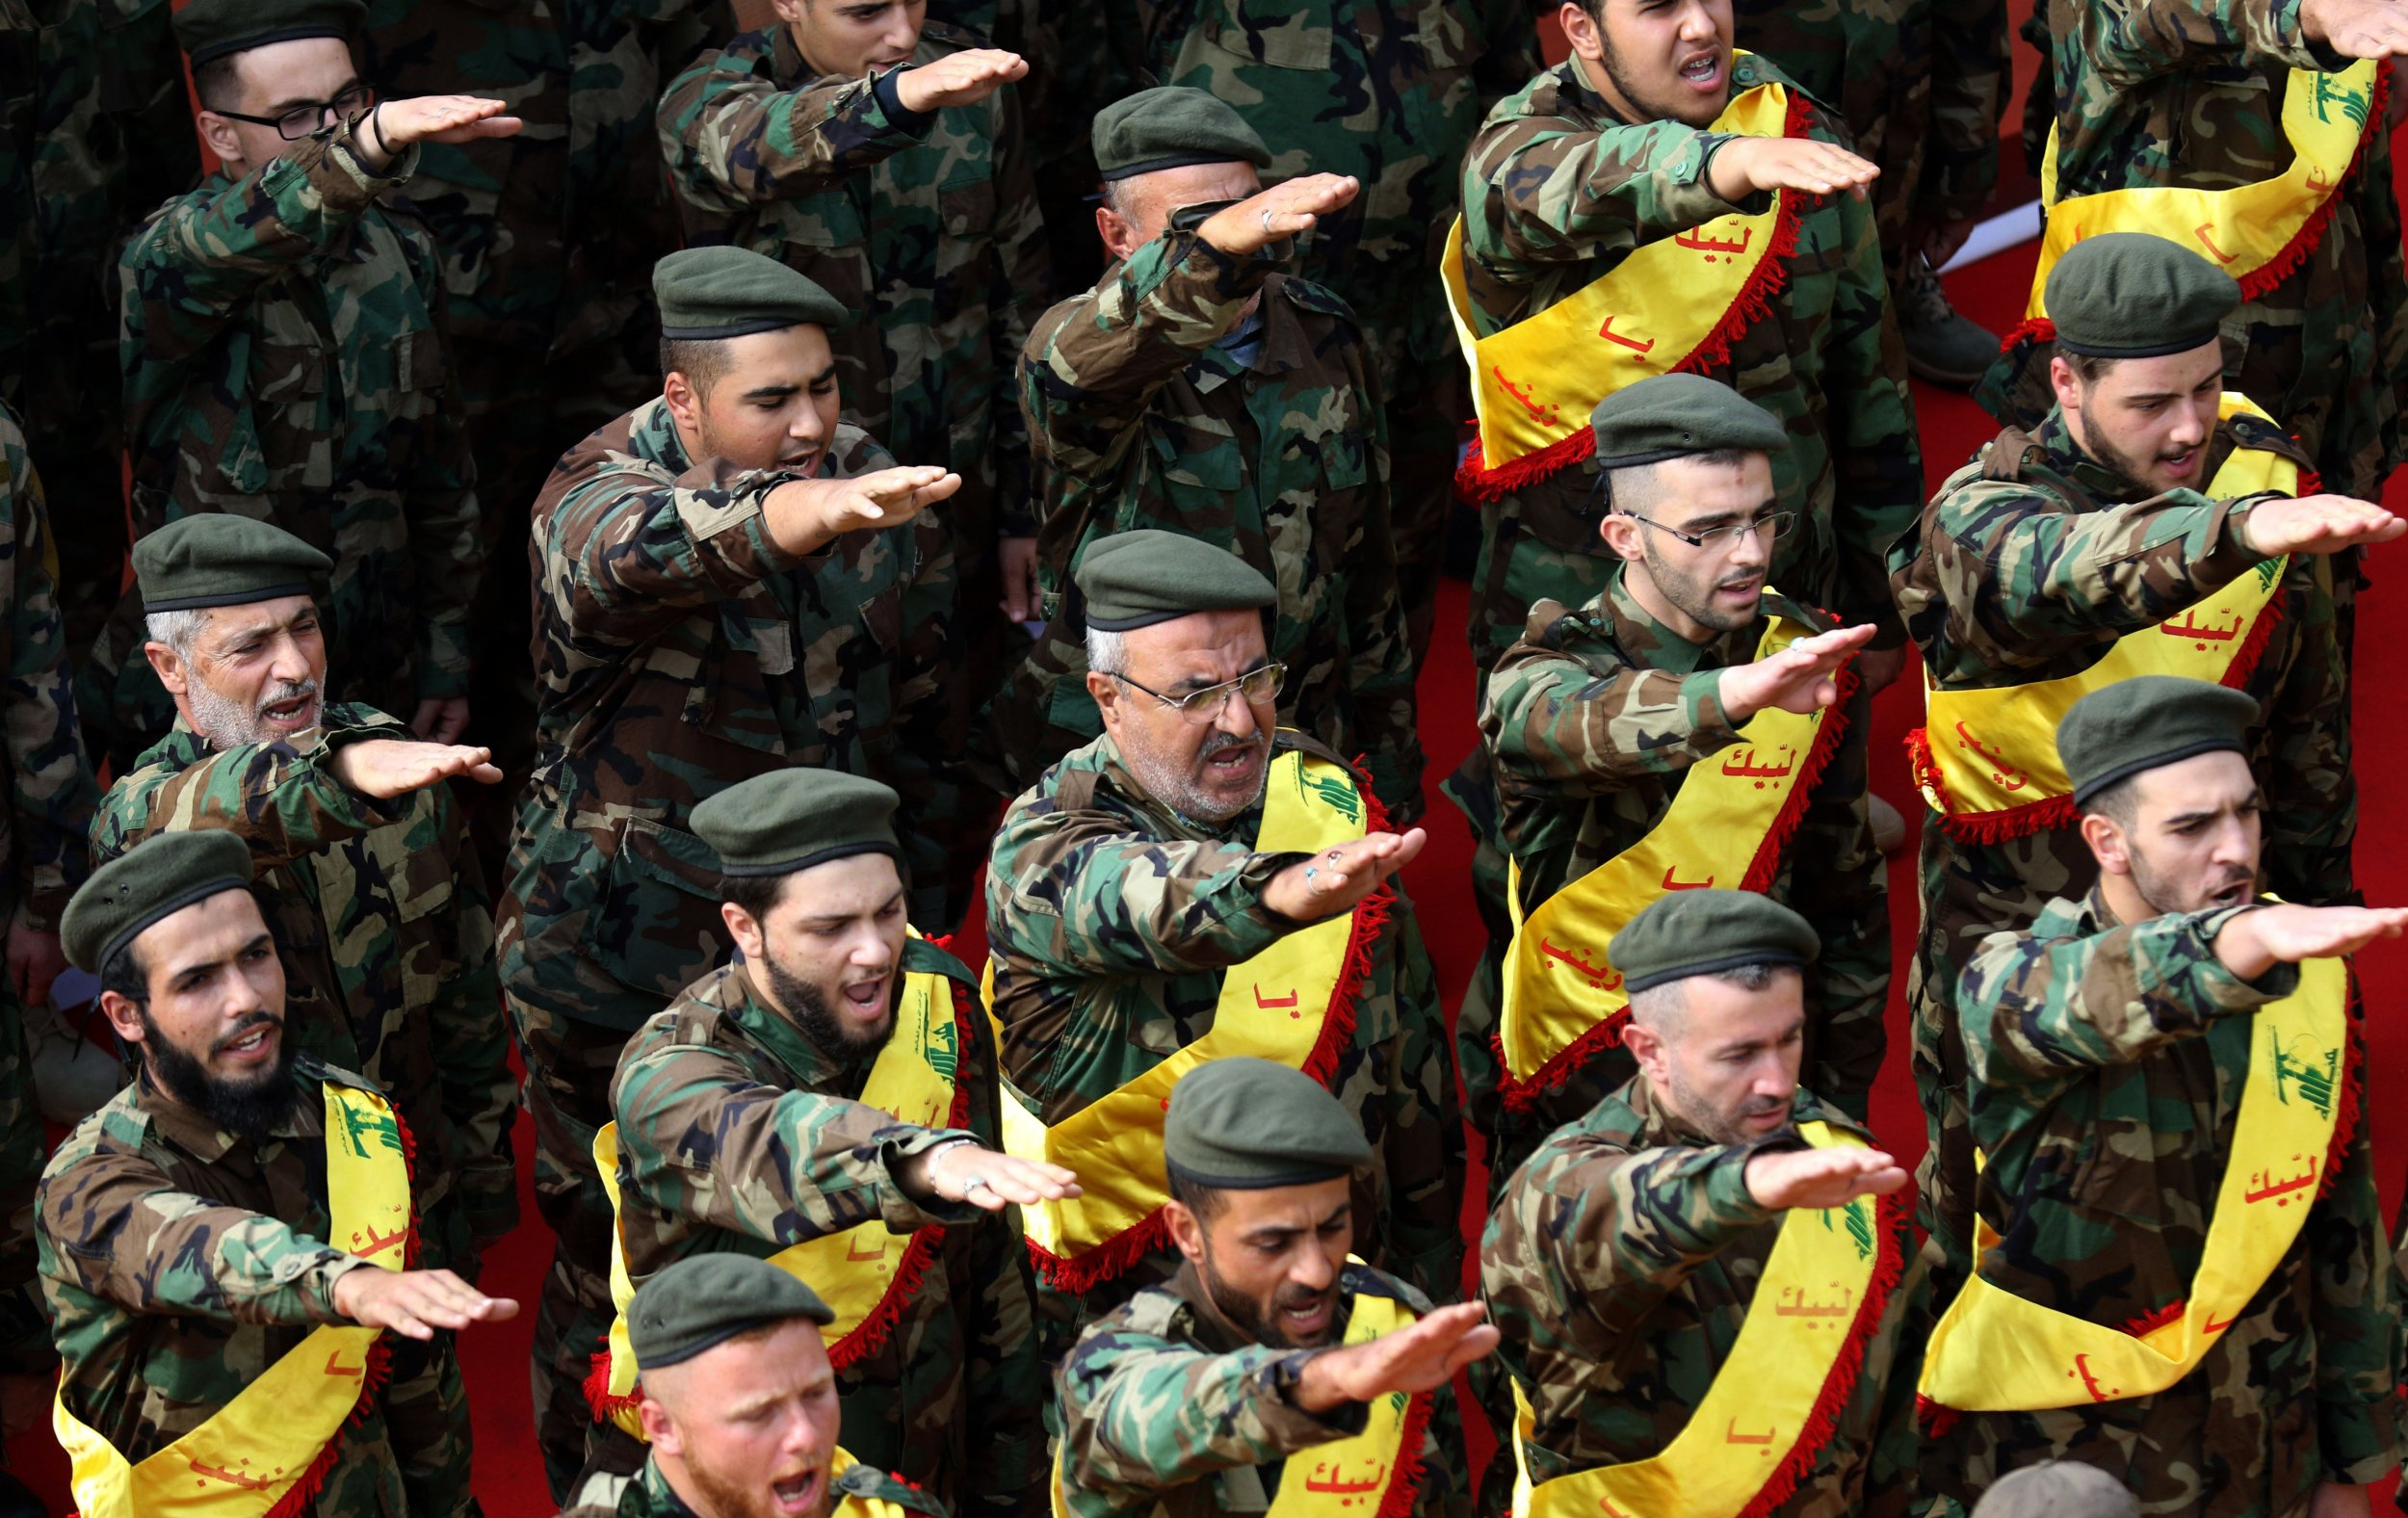 Terrorszervezetnek nyilváníttatnák a Hezbollahot